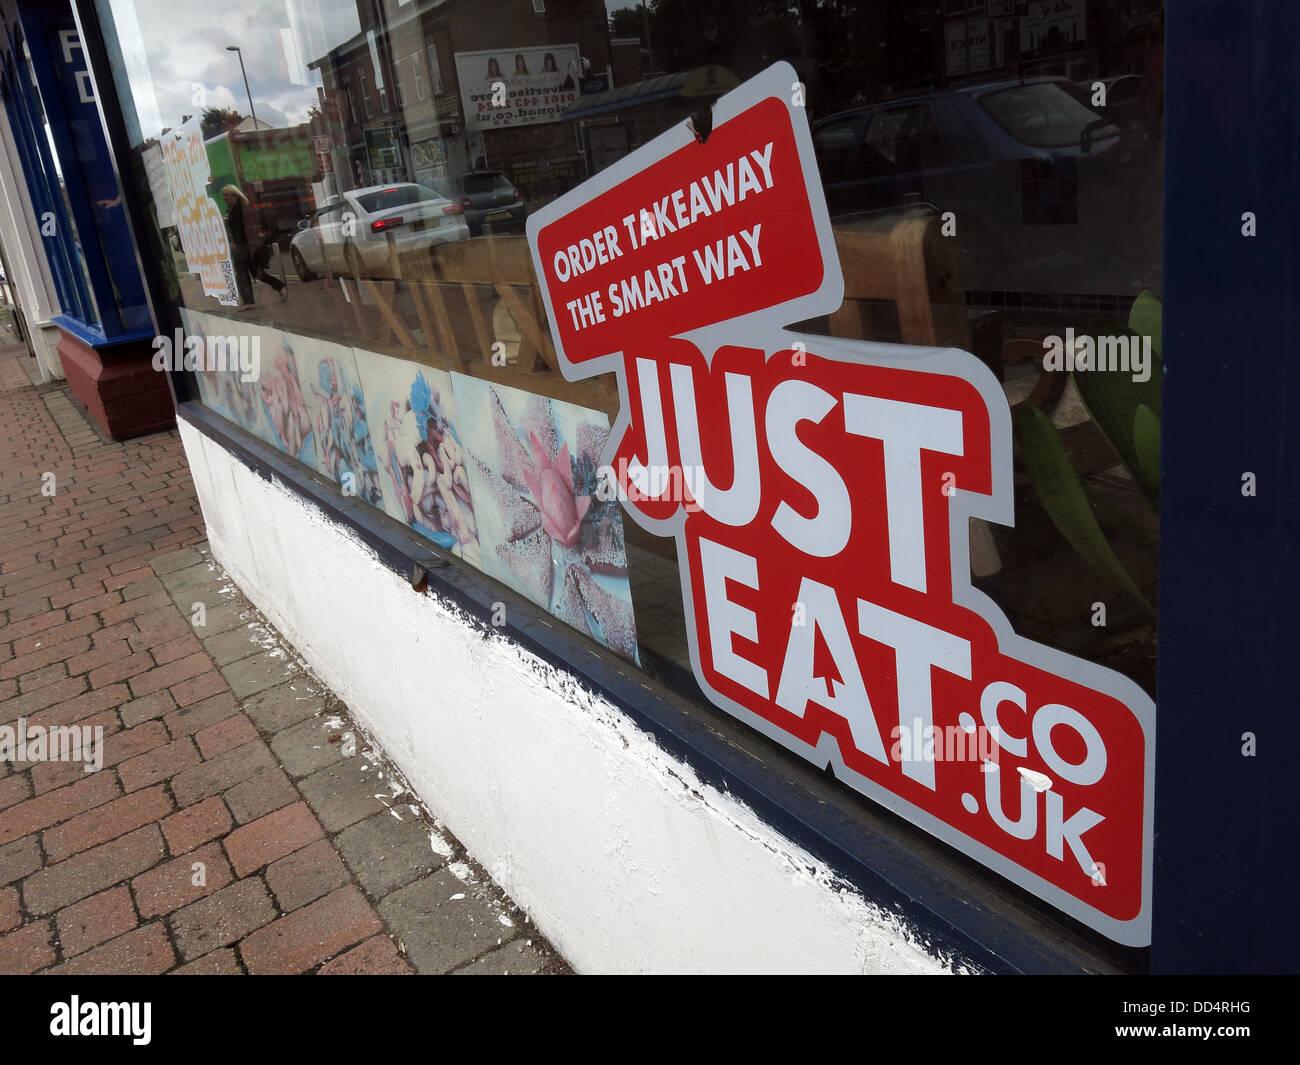 Laden Sie dieses Alamy Stockfoto Bestellung zum Mitnehmen die intelligente Art, nur Essen (JustEat.co.uk) 0 Stunden gig Wirtschaft Lieferservice - DD4RHG